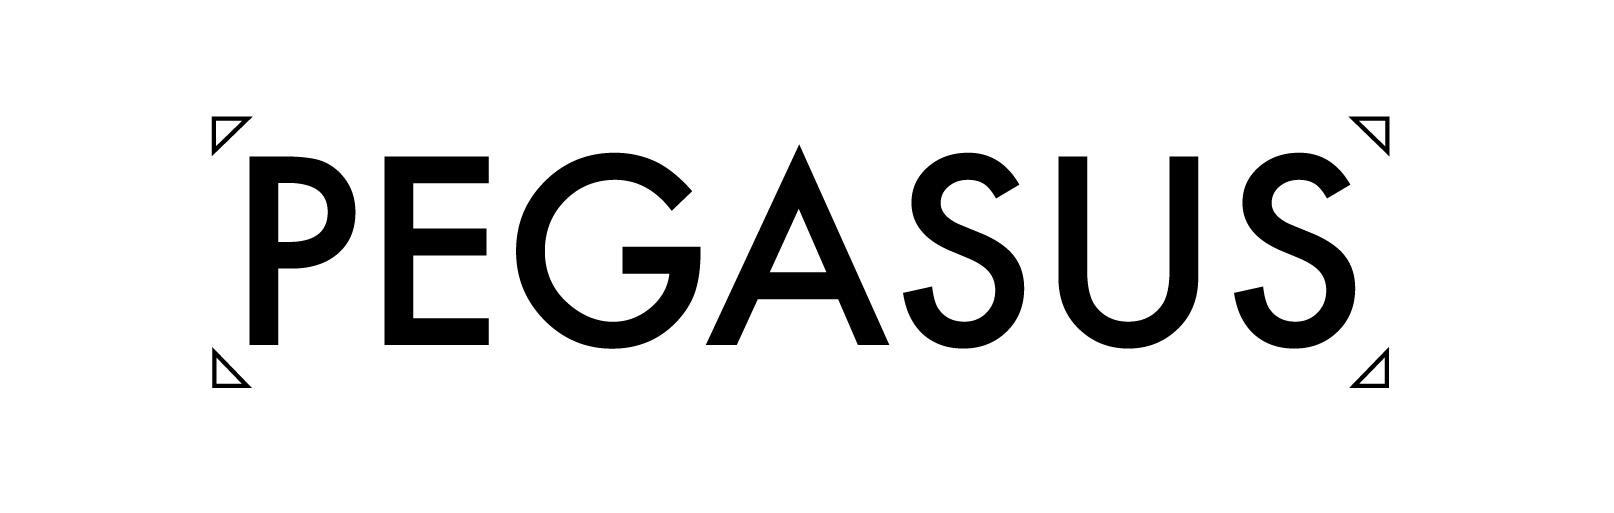 pegasus logo portfolio -12.jpg